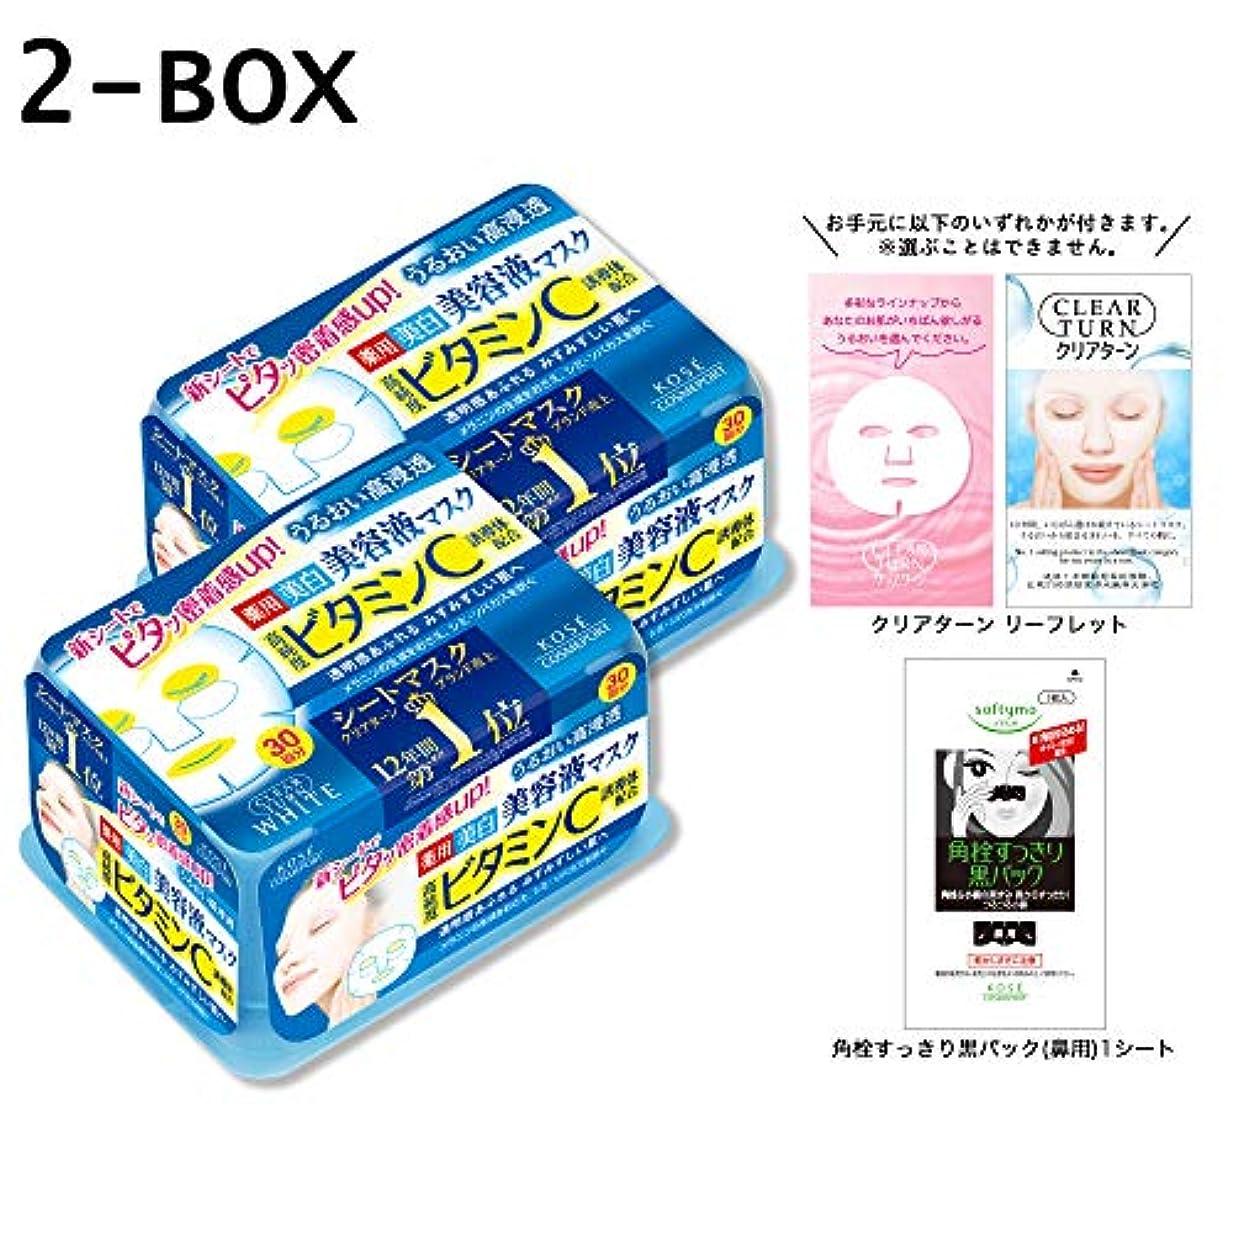 広く規範十【Amazon.co.jp限定】KOSE クリアターン エッセンスマスク (ビタミンC) 30回 2P+おまけ フェイスマスク (医薬部外品)